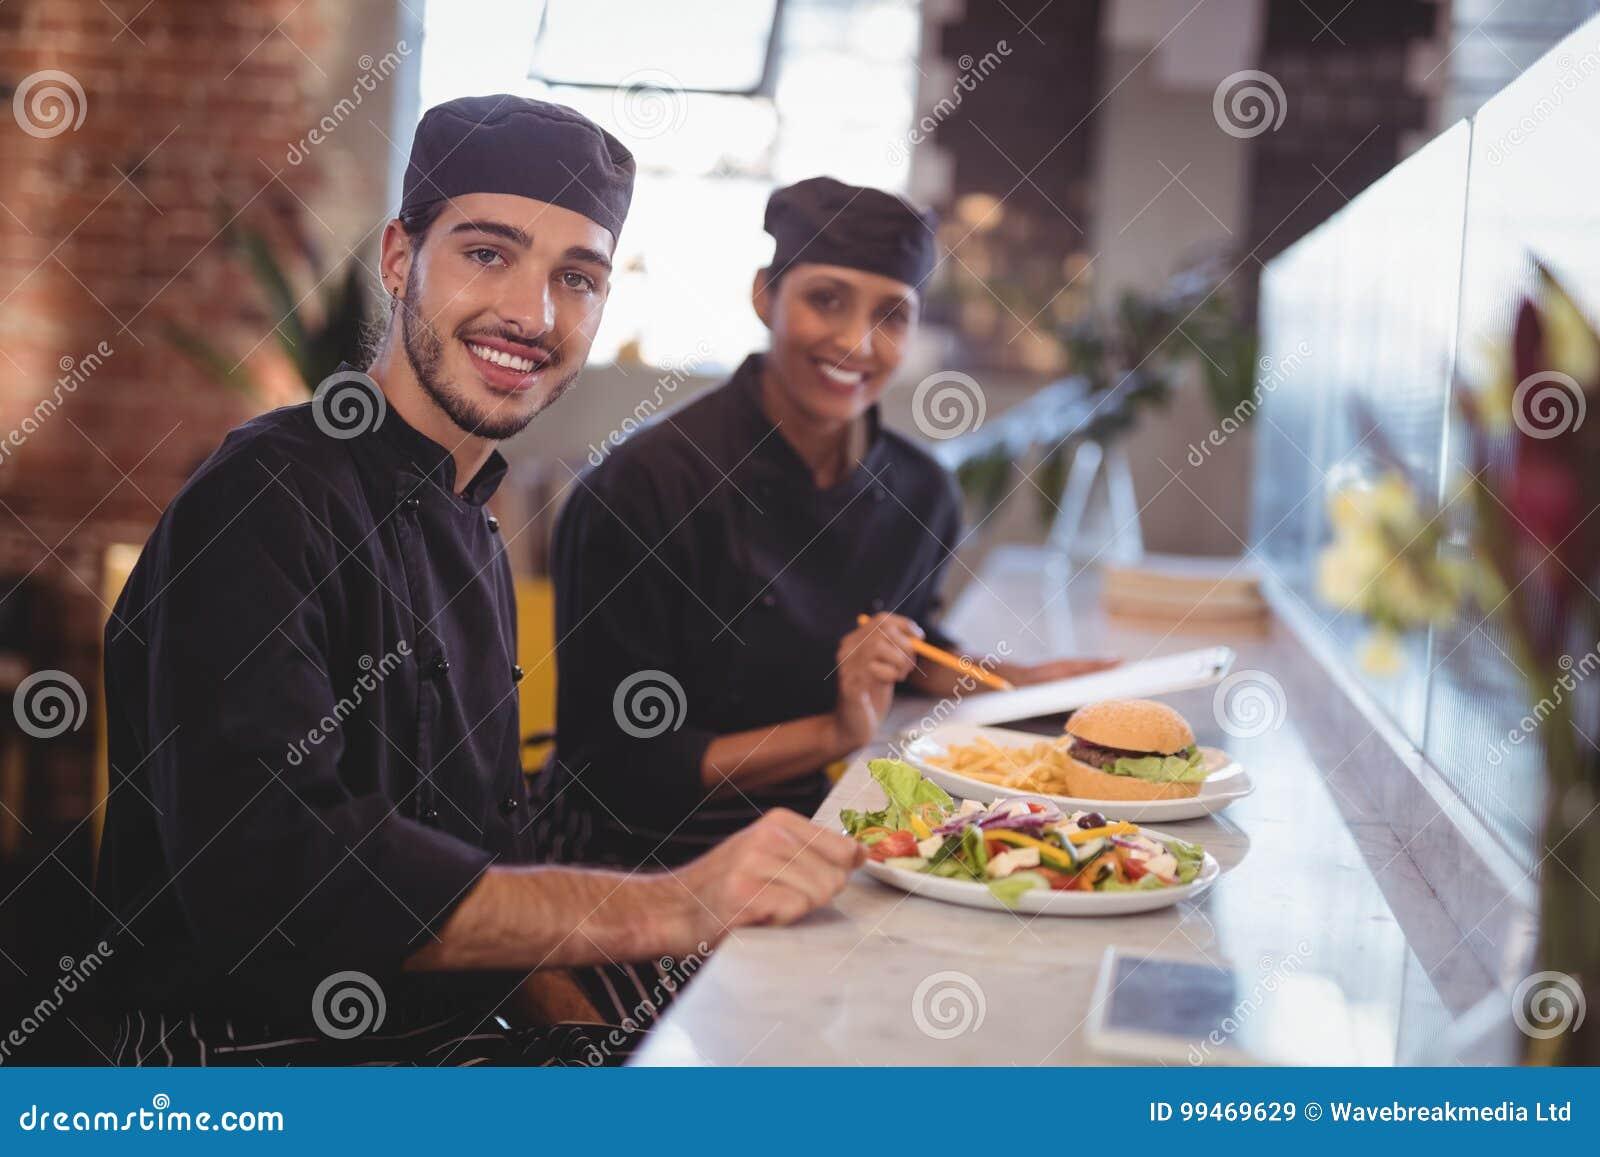 El retrato de jóvenes sonrientes espera al personal que se sienta con la comida y el tablero en el contador